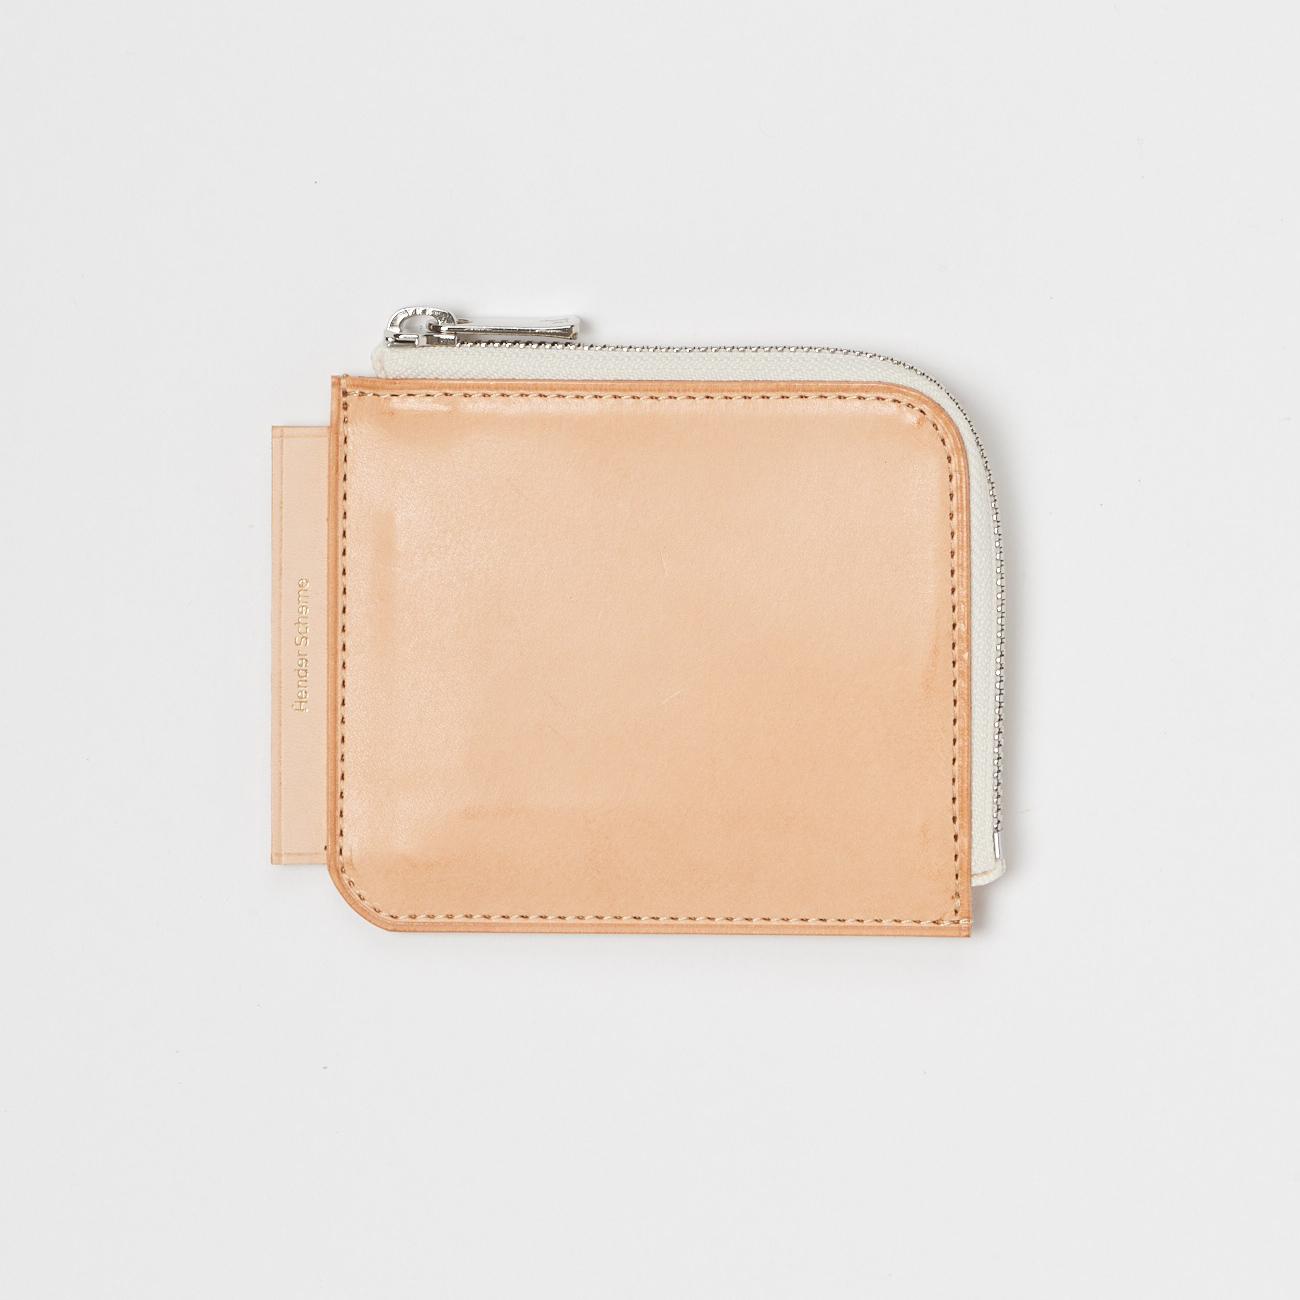 Hender Scheme - L purse - Natural